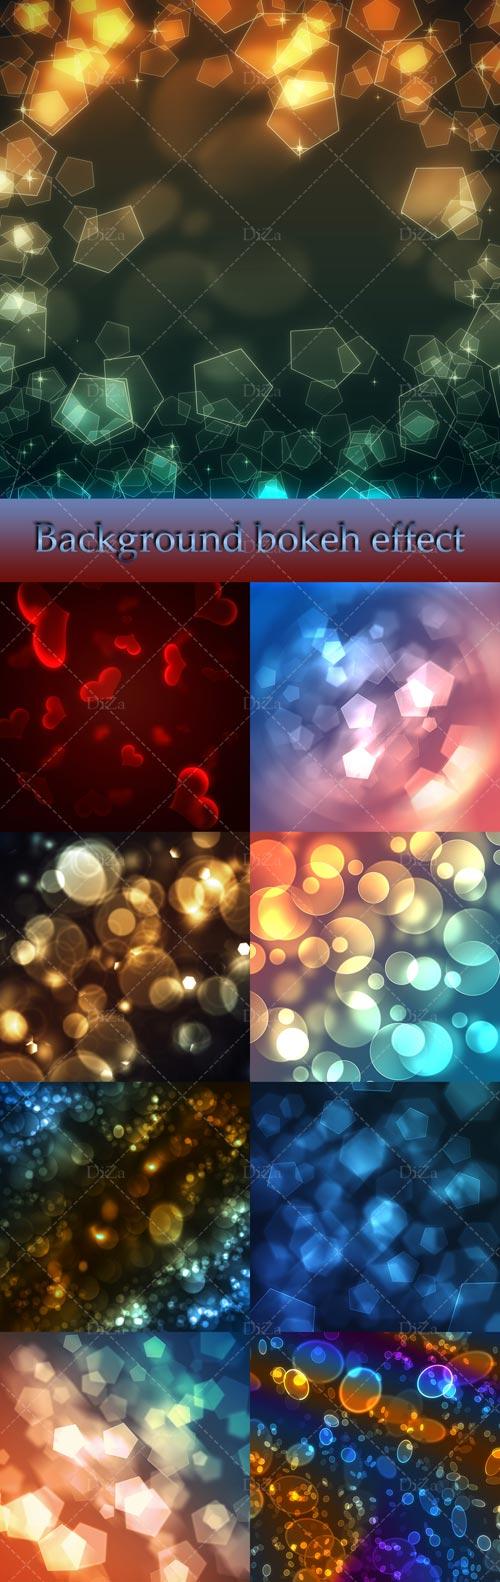 Background bokeh effect by DiZa-74